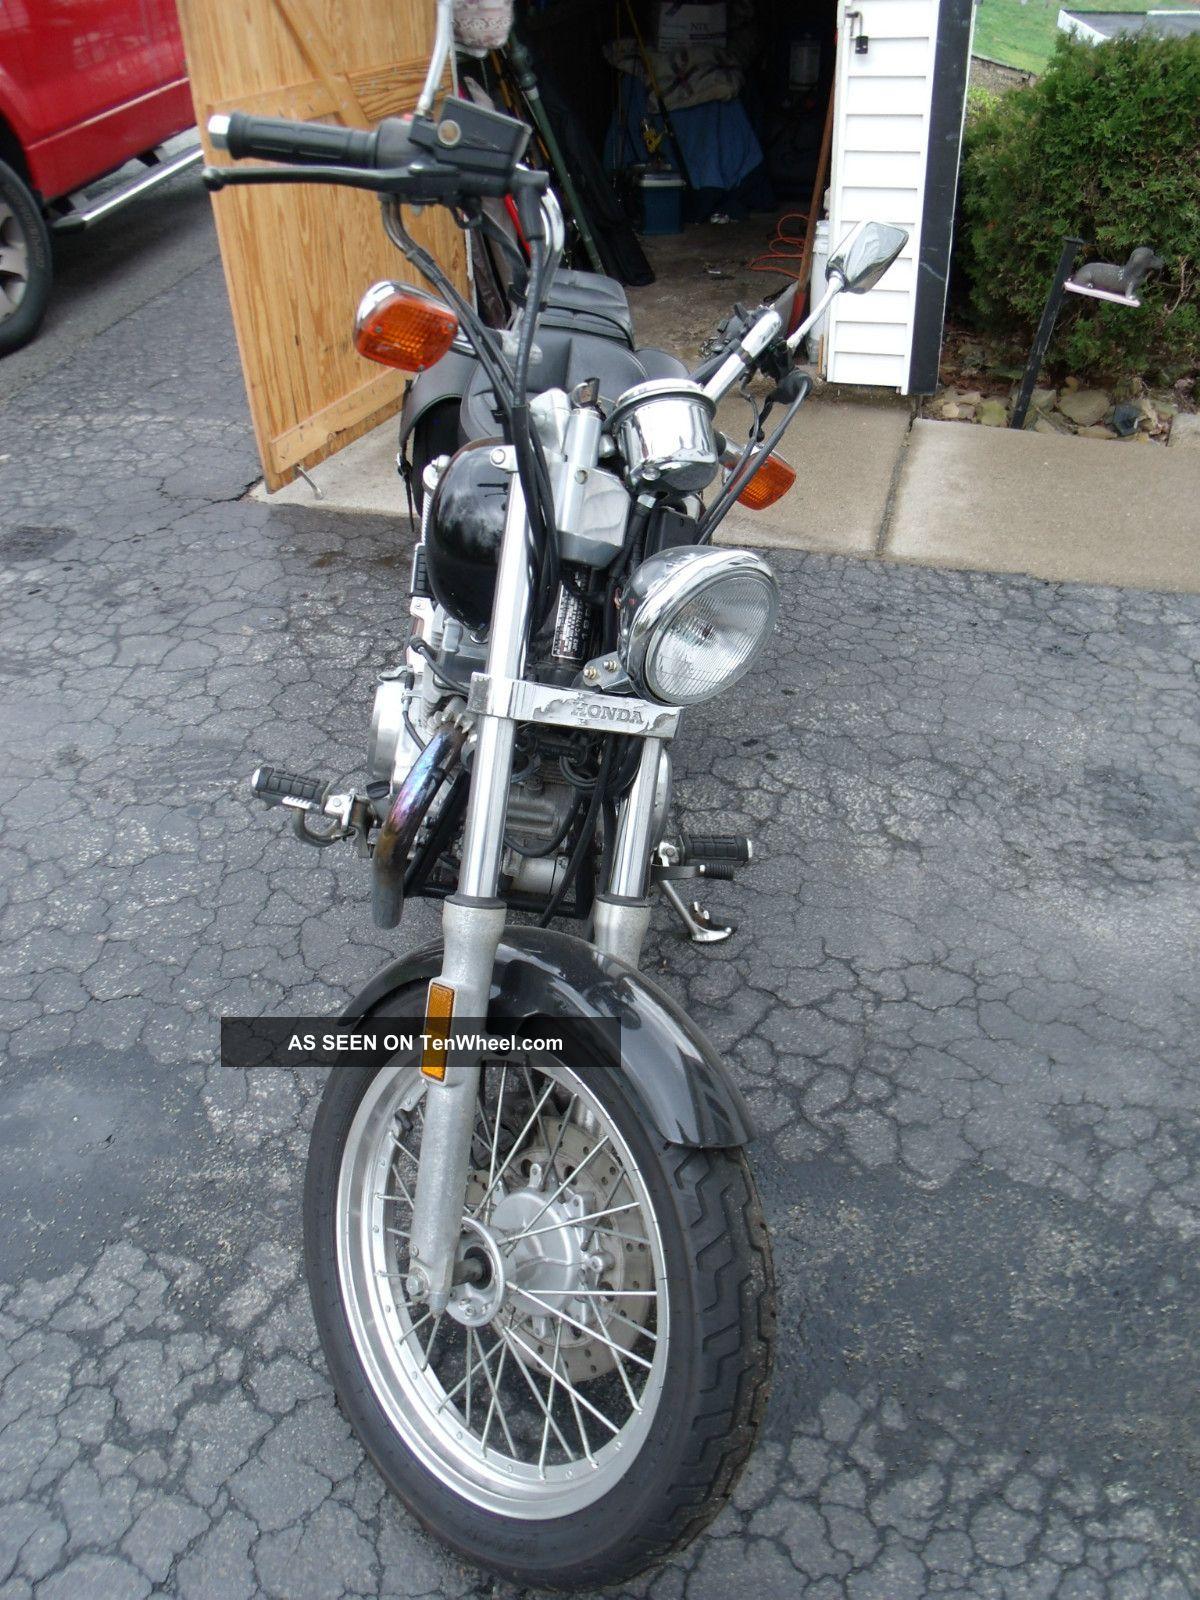 1986 Honda Rebel Cmx 450 C And Rebel photo 2